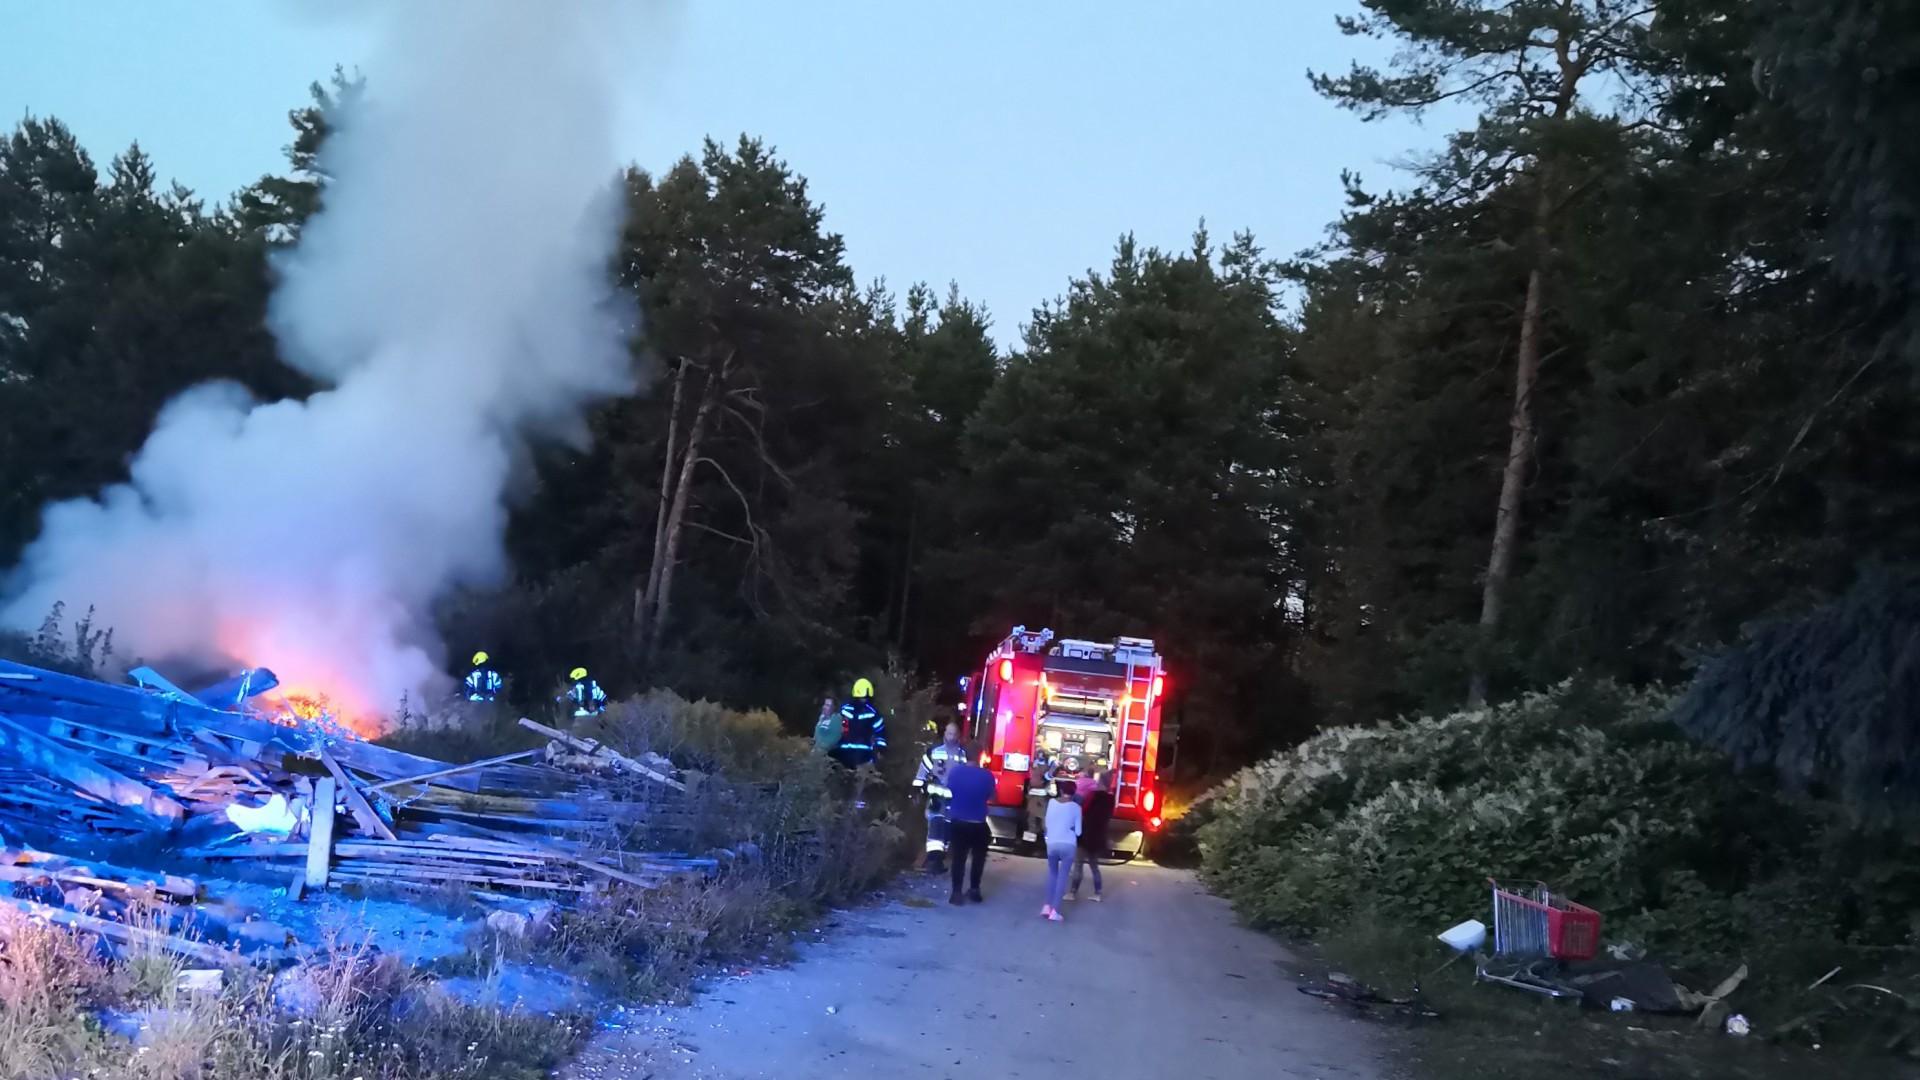 Požar električnih vodnikov v naravi